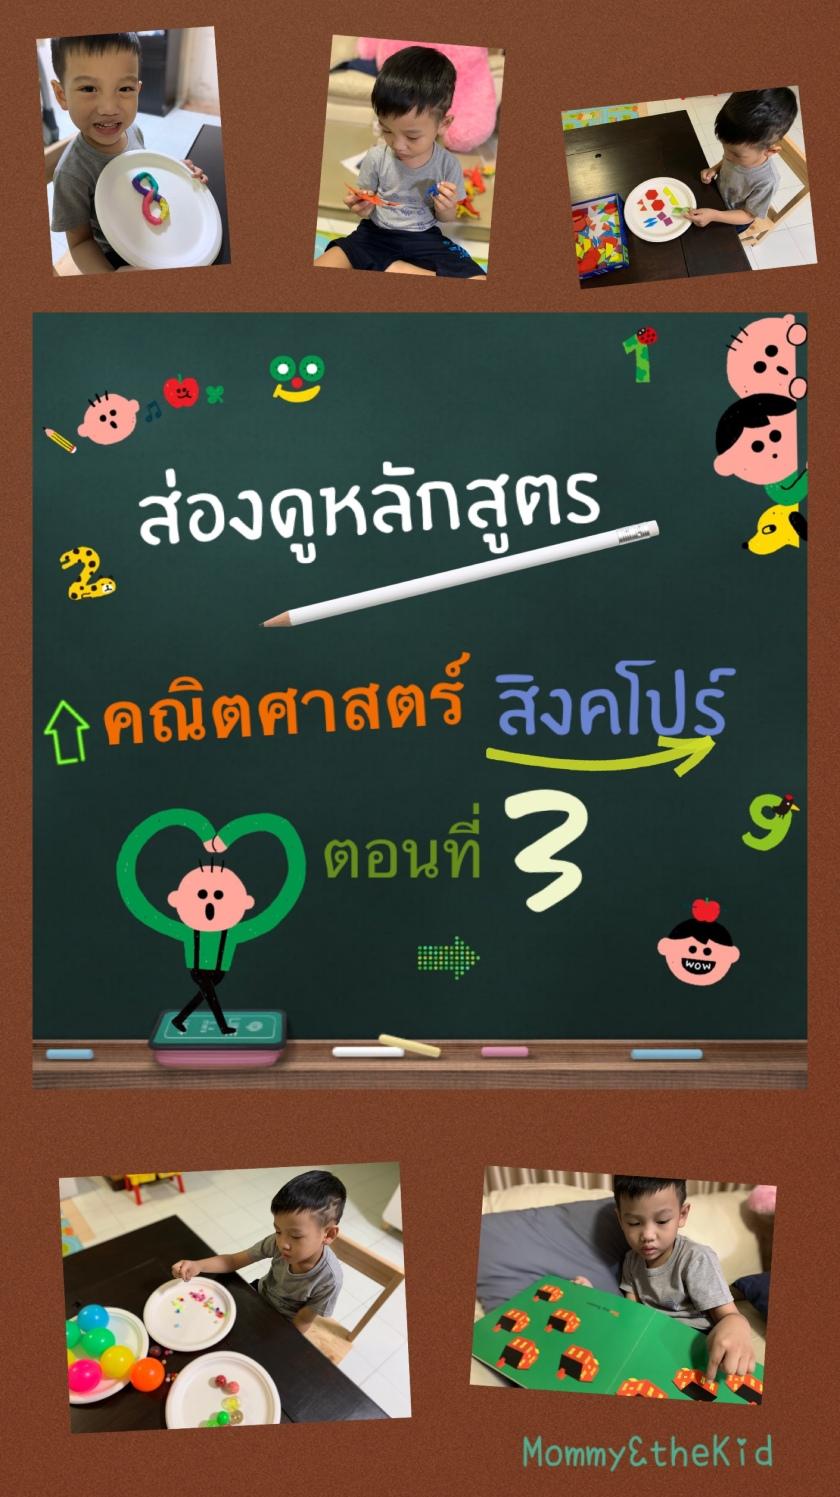 หลักสูตรคณิตศาสตร์สิงคโปร์ 3